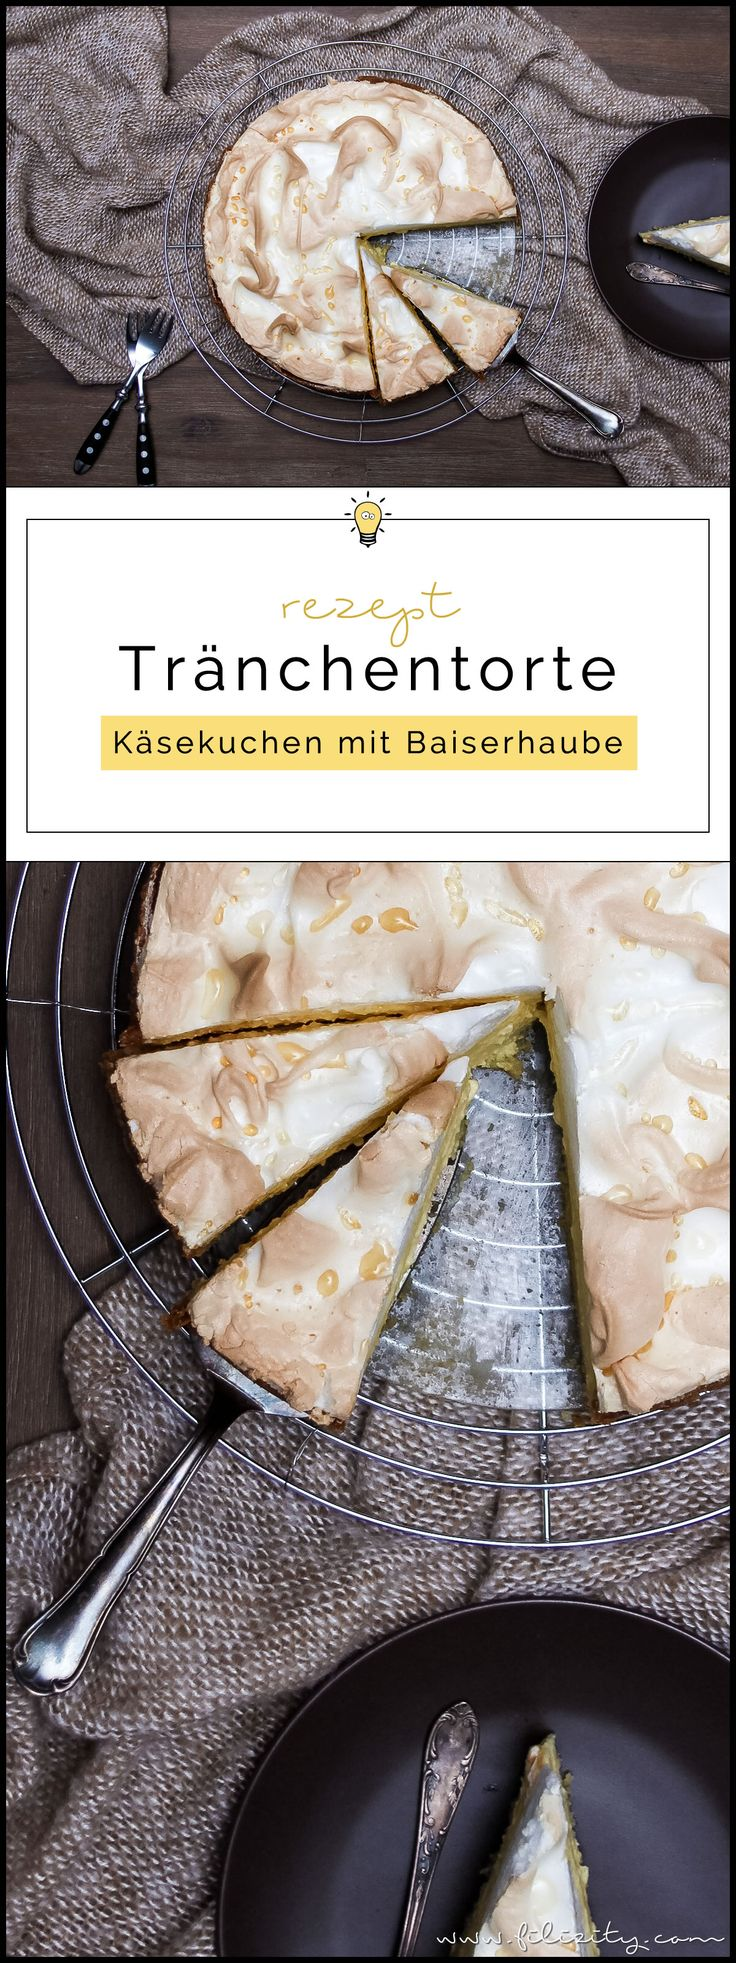 Rezept: Tränchentorte - Käsekuchen mit Baiserhaube   Filizity.com   Food-Blog aus dem Rheinland #cheesecake